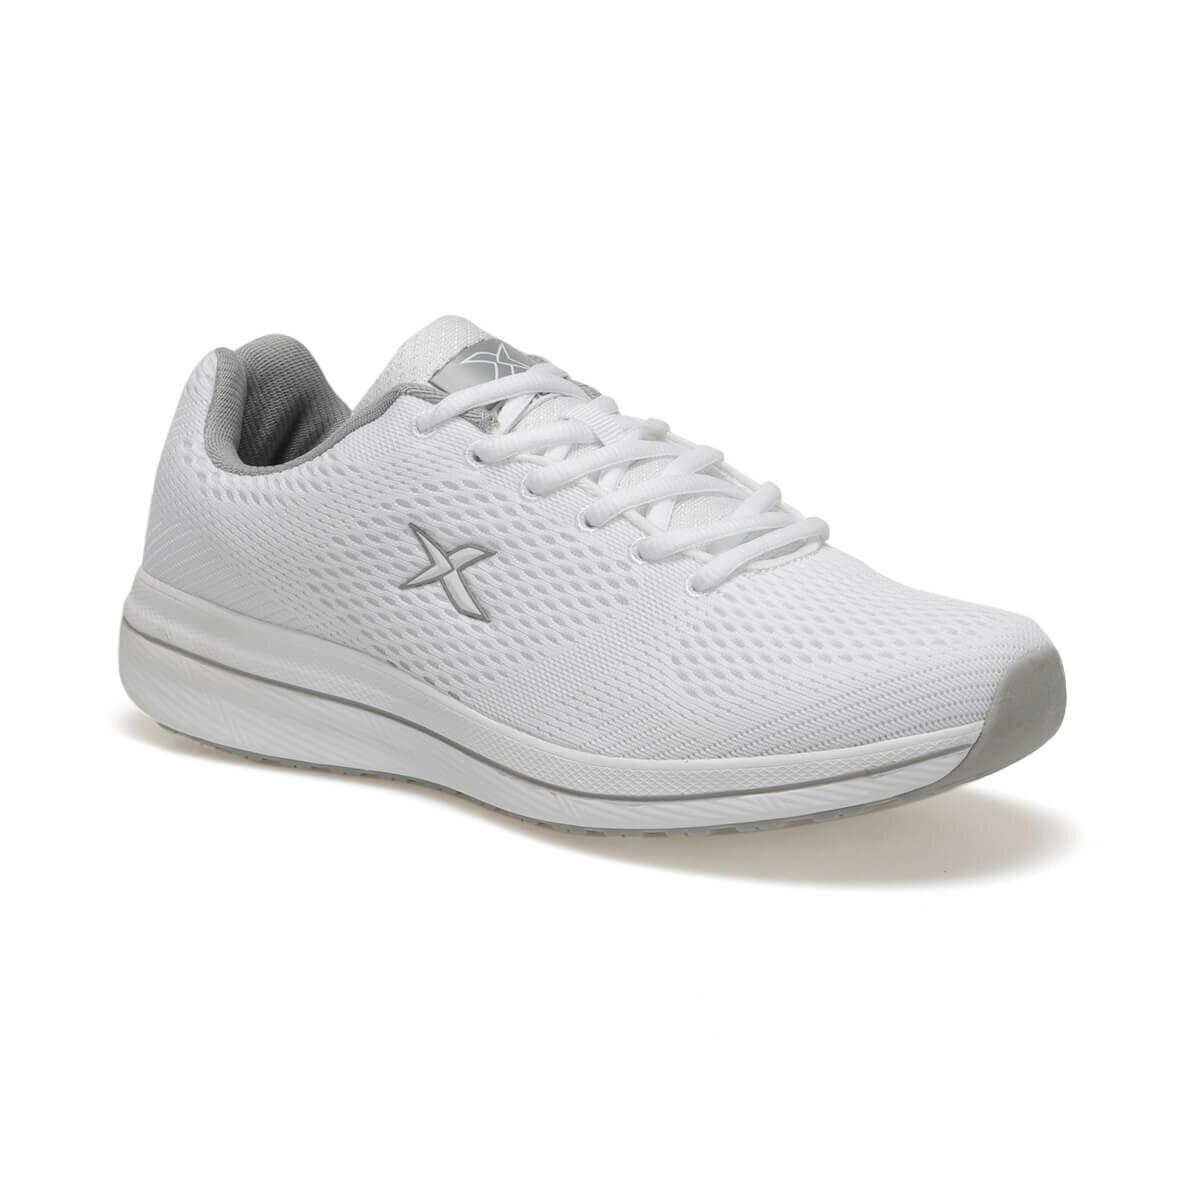 FLO ADELIO II White Male Walking Shoes KINETIX